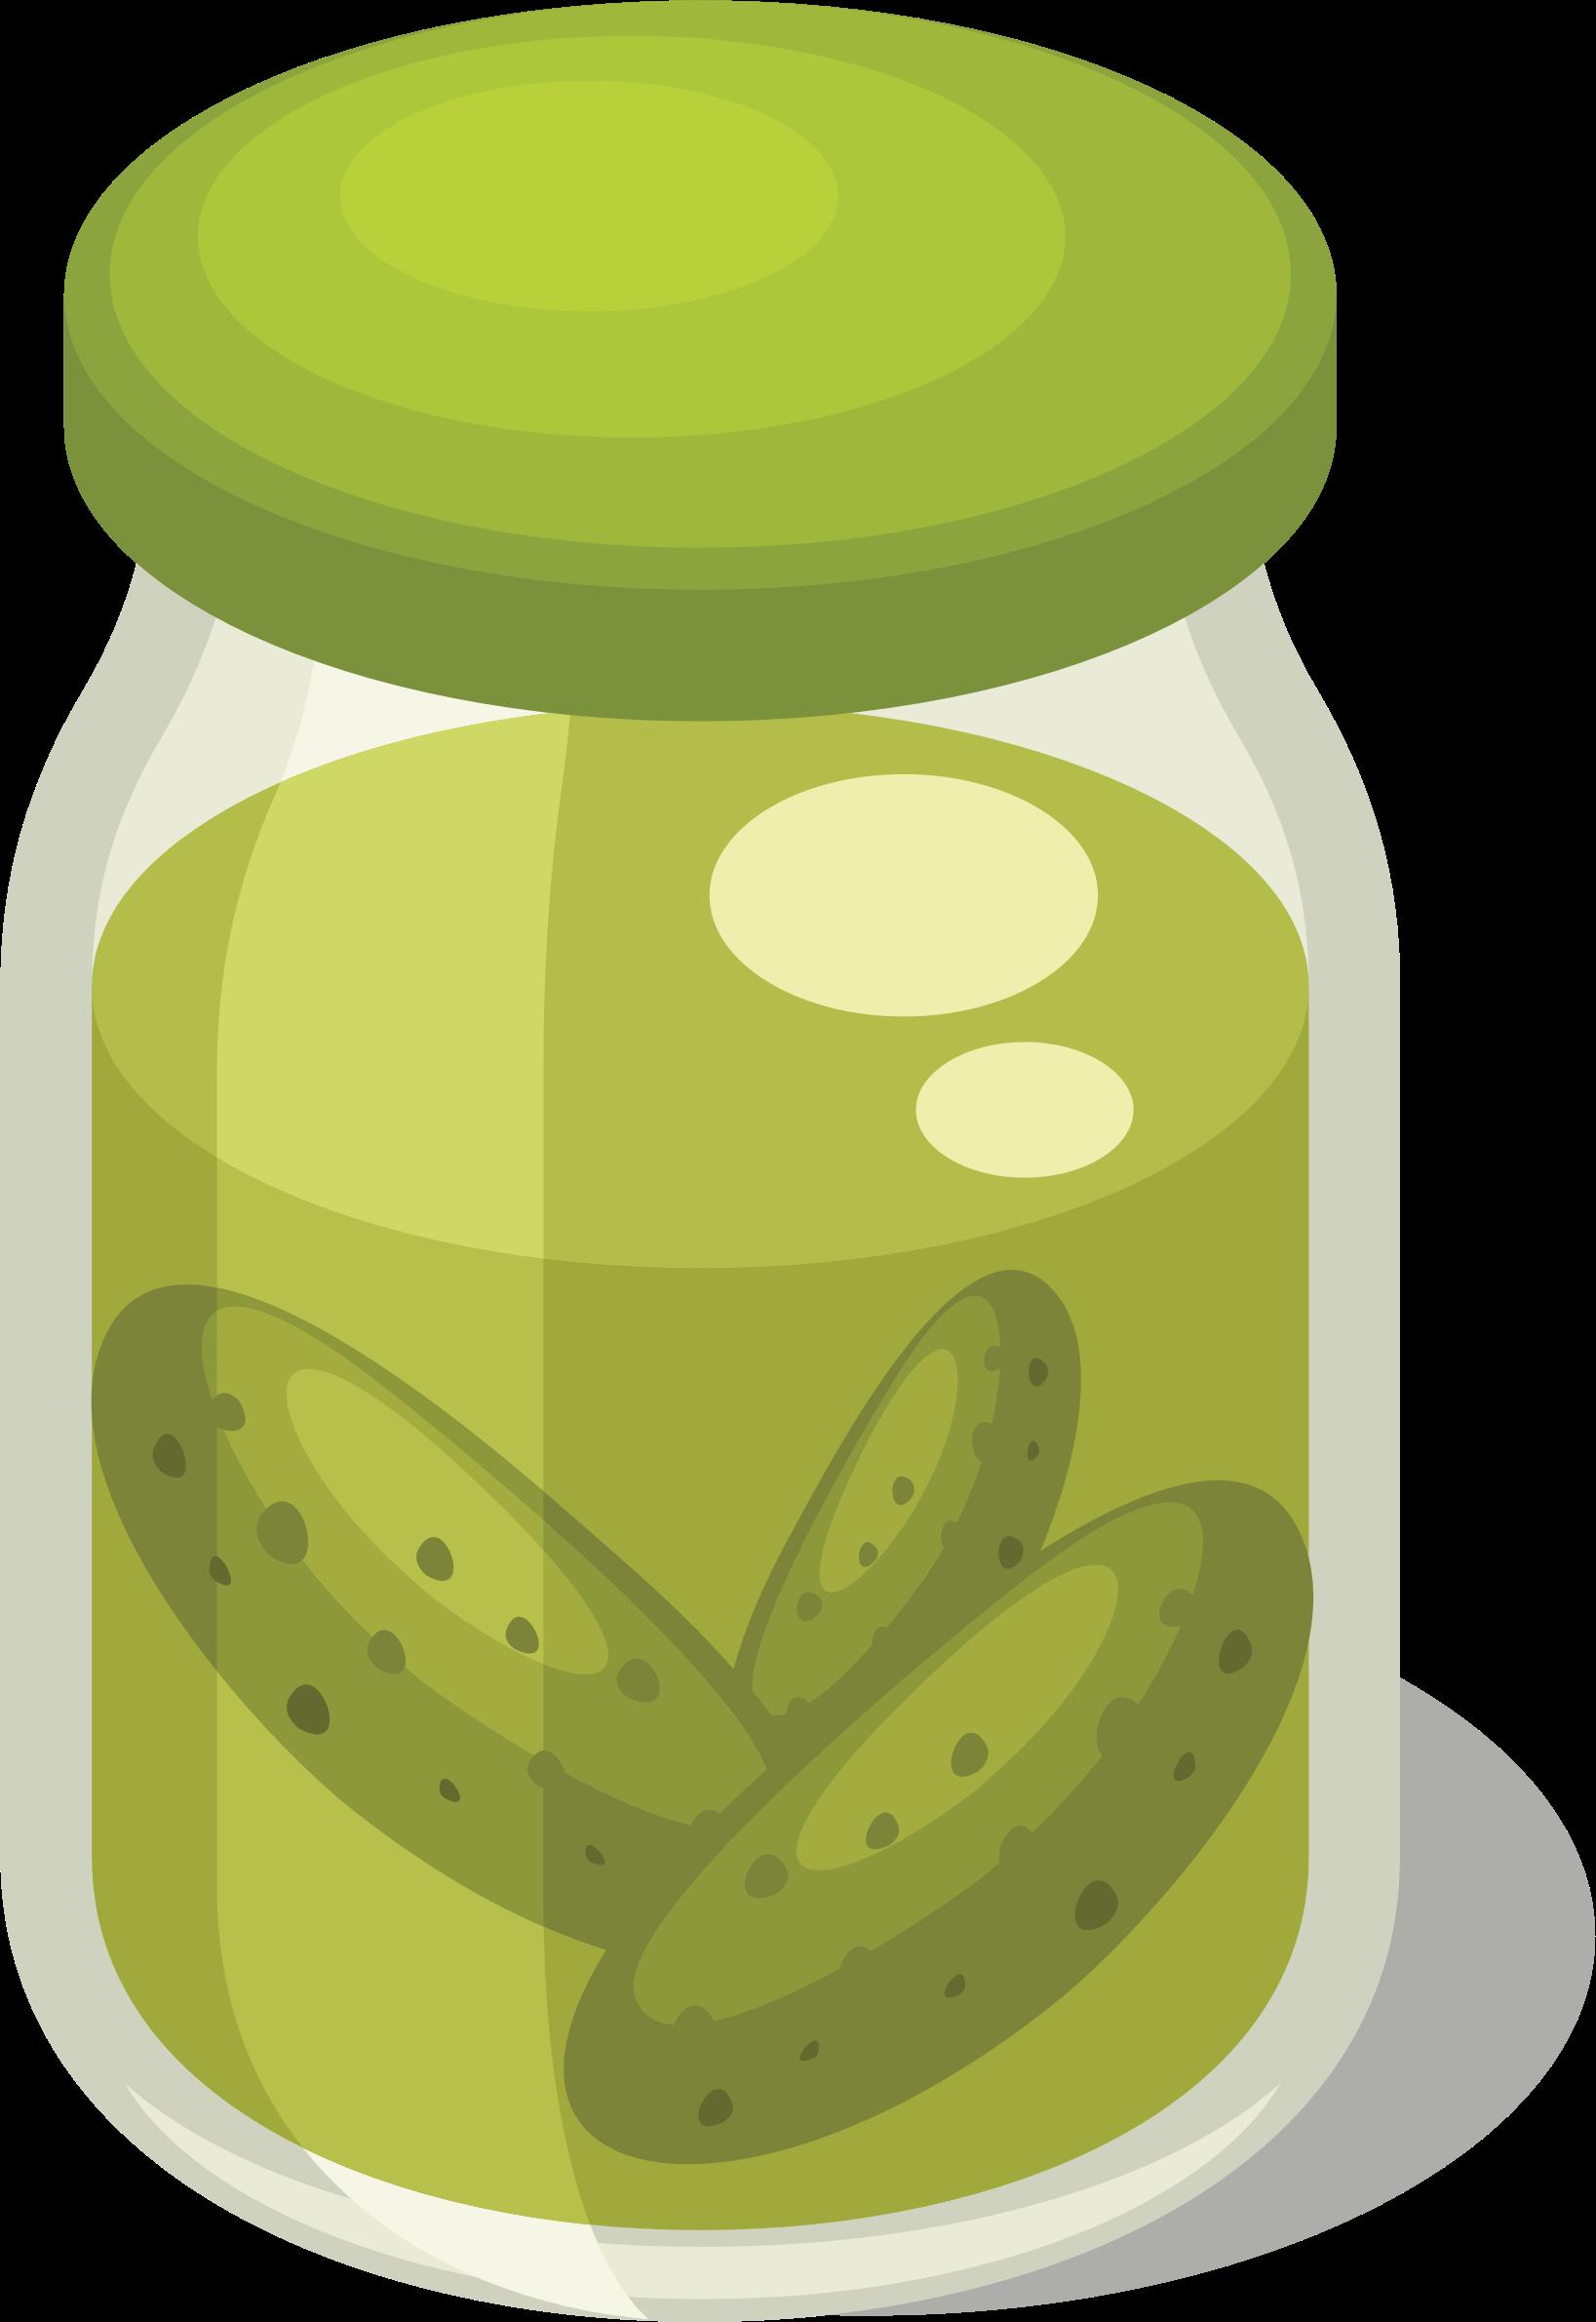 Jar clipart pickle jar, Jar pickle jar Transparent FREE for.